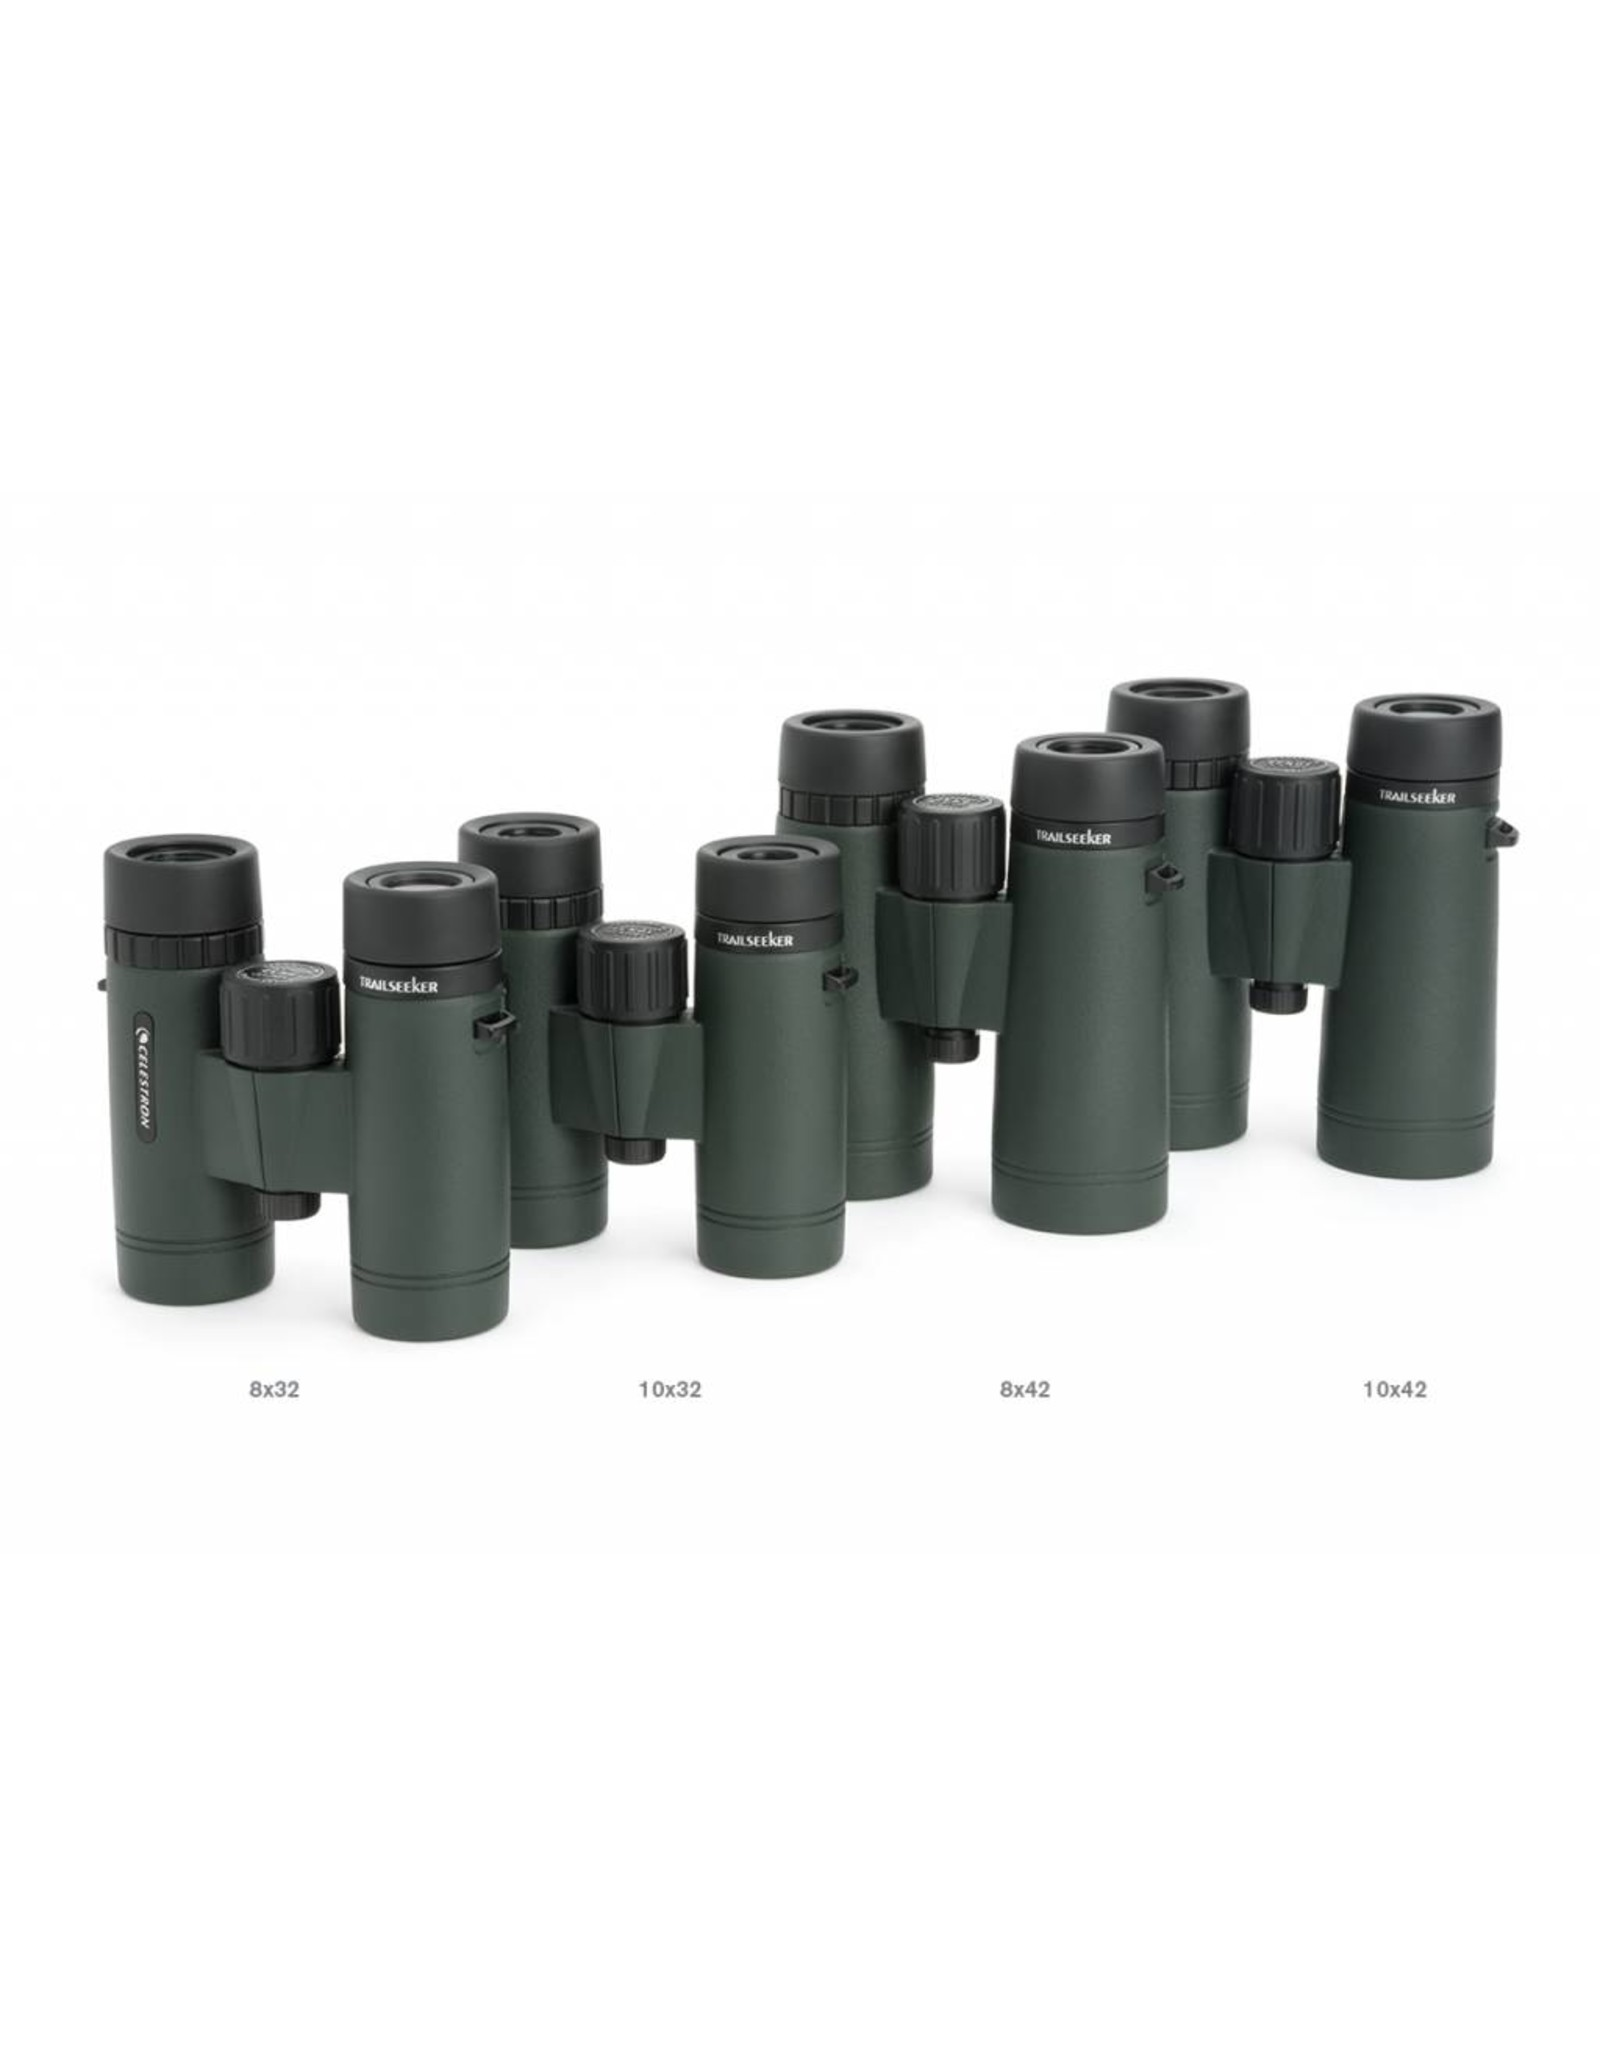 Celestron Celestron TrailSeeker 10x32 Binoculars